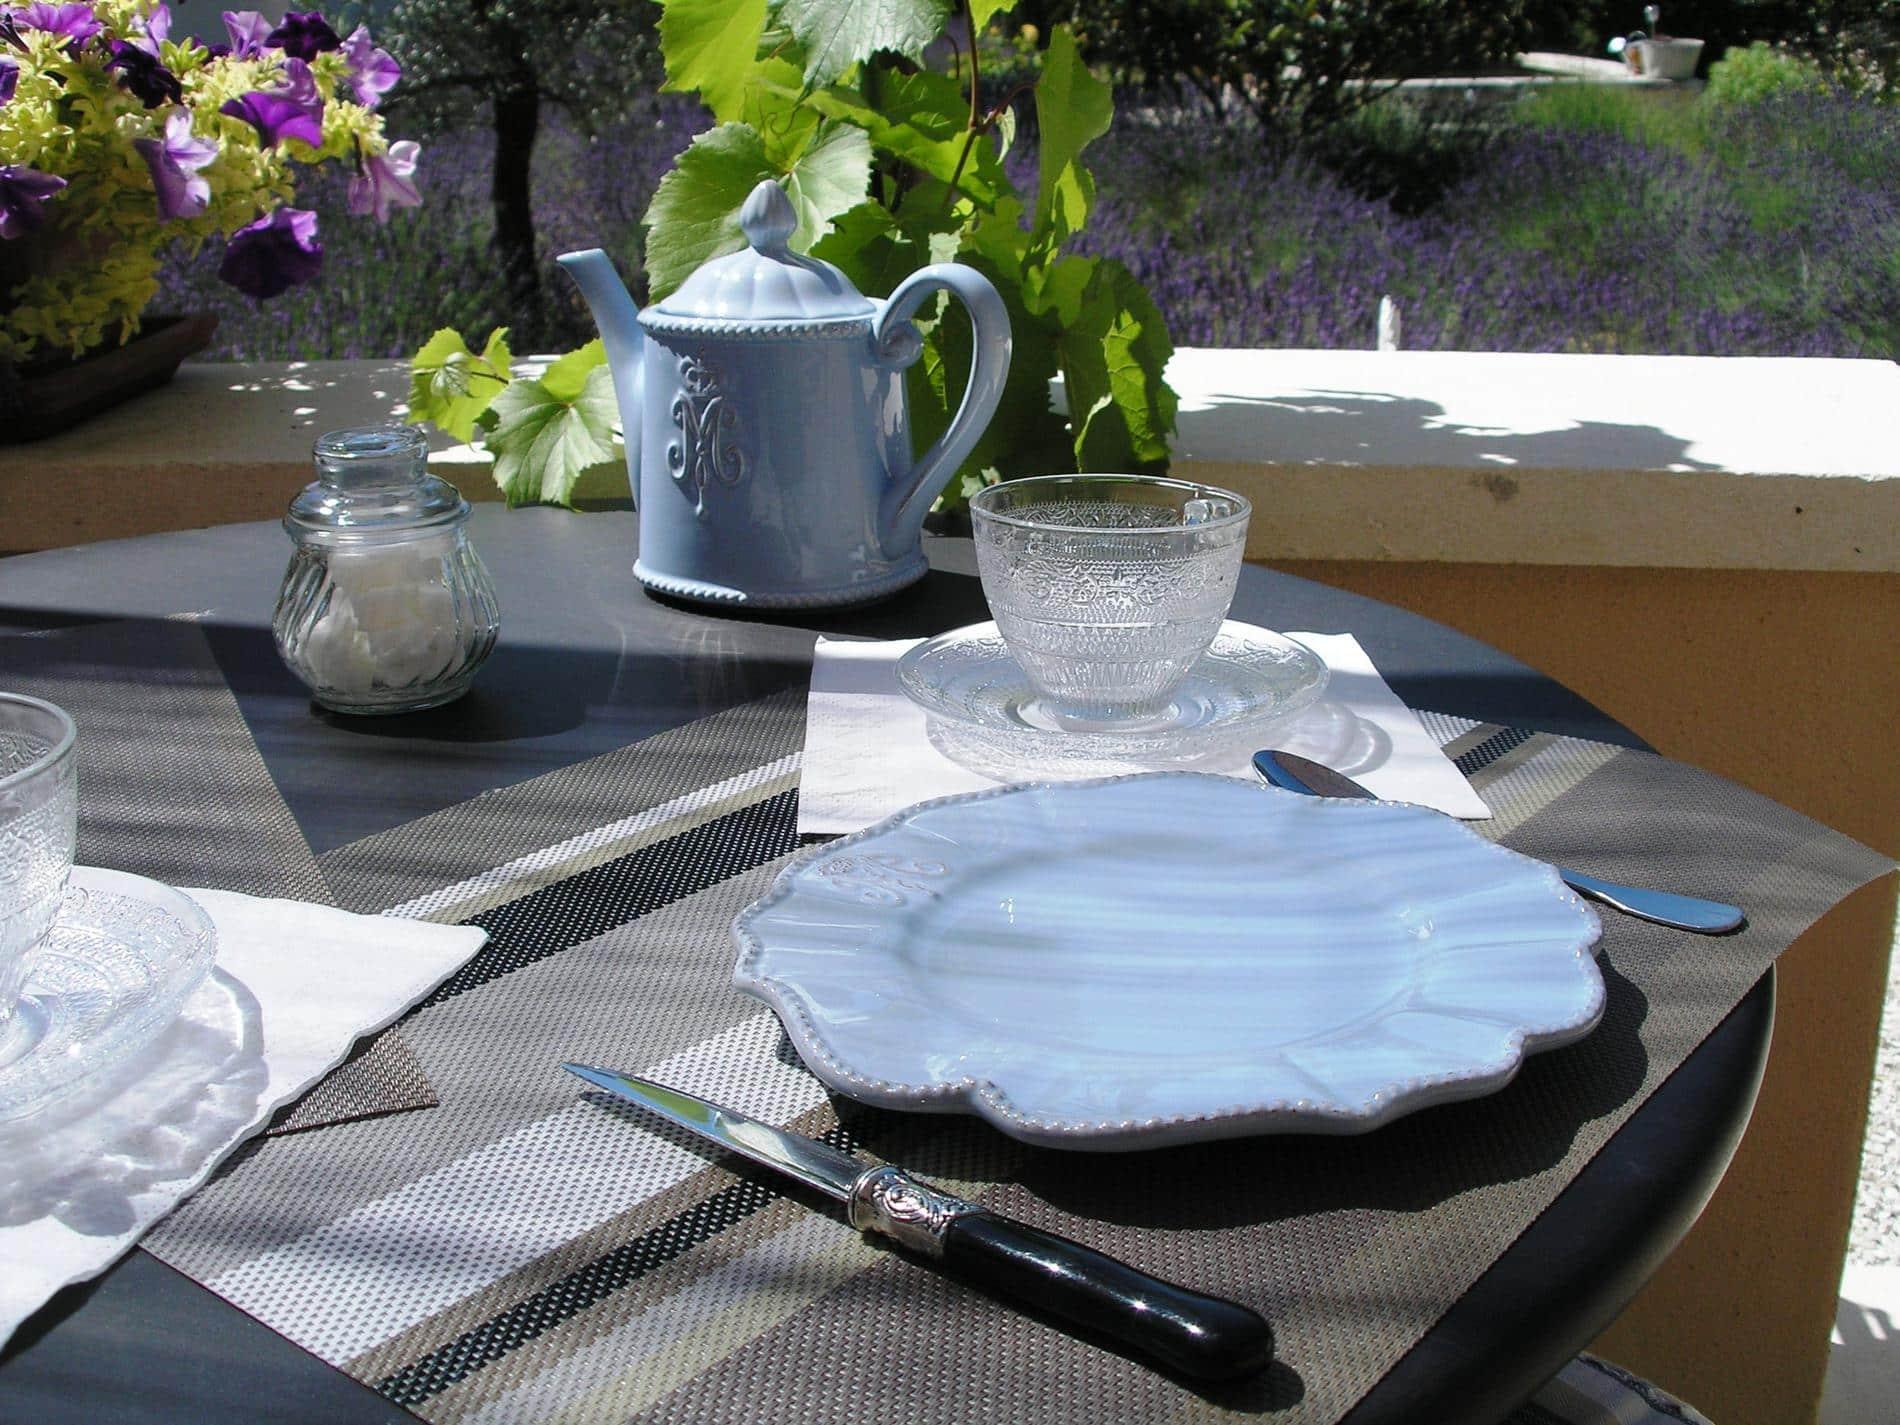 Sweet and salty full breakfast in terrace